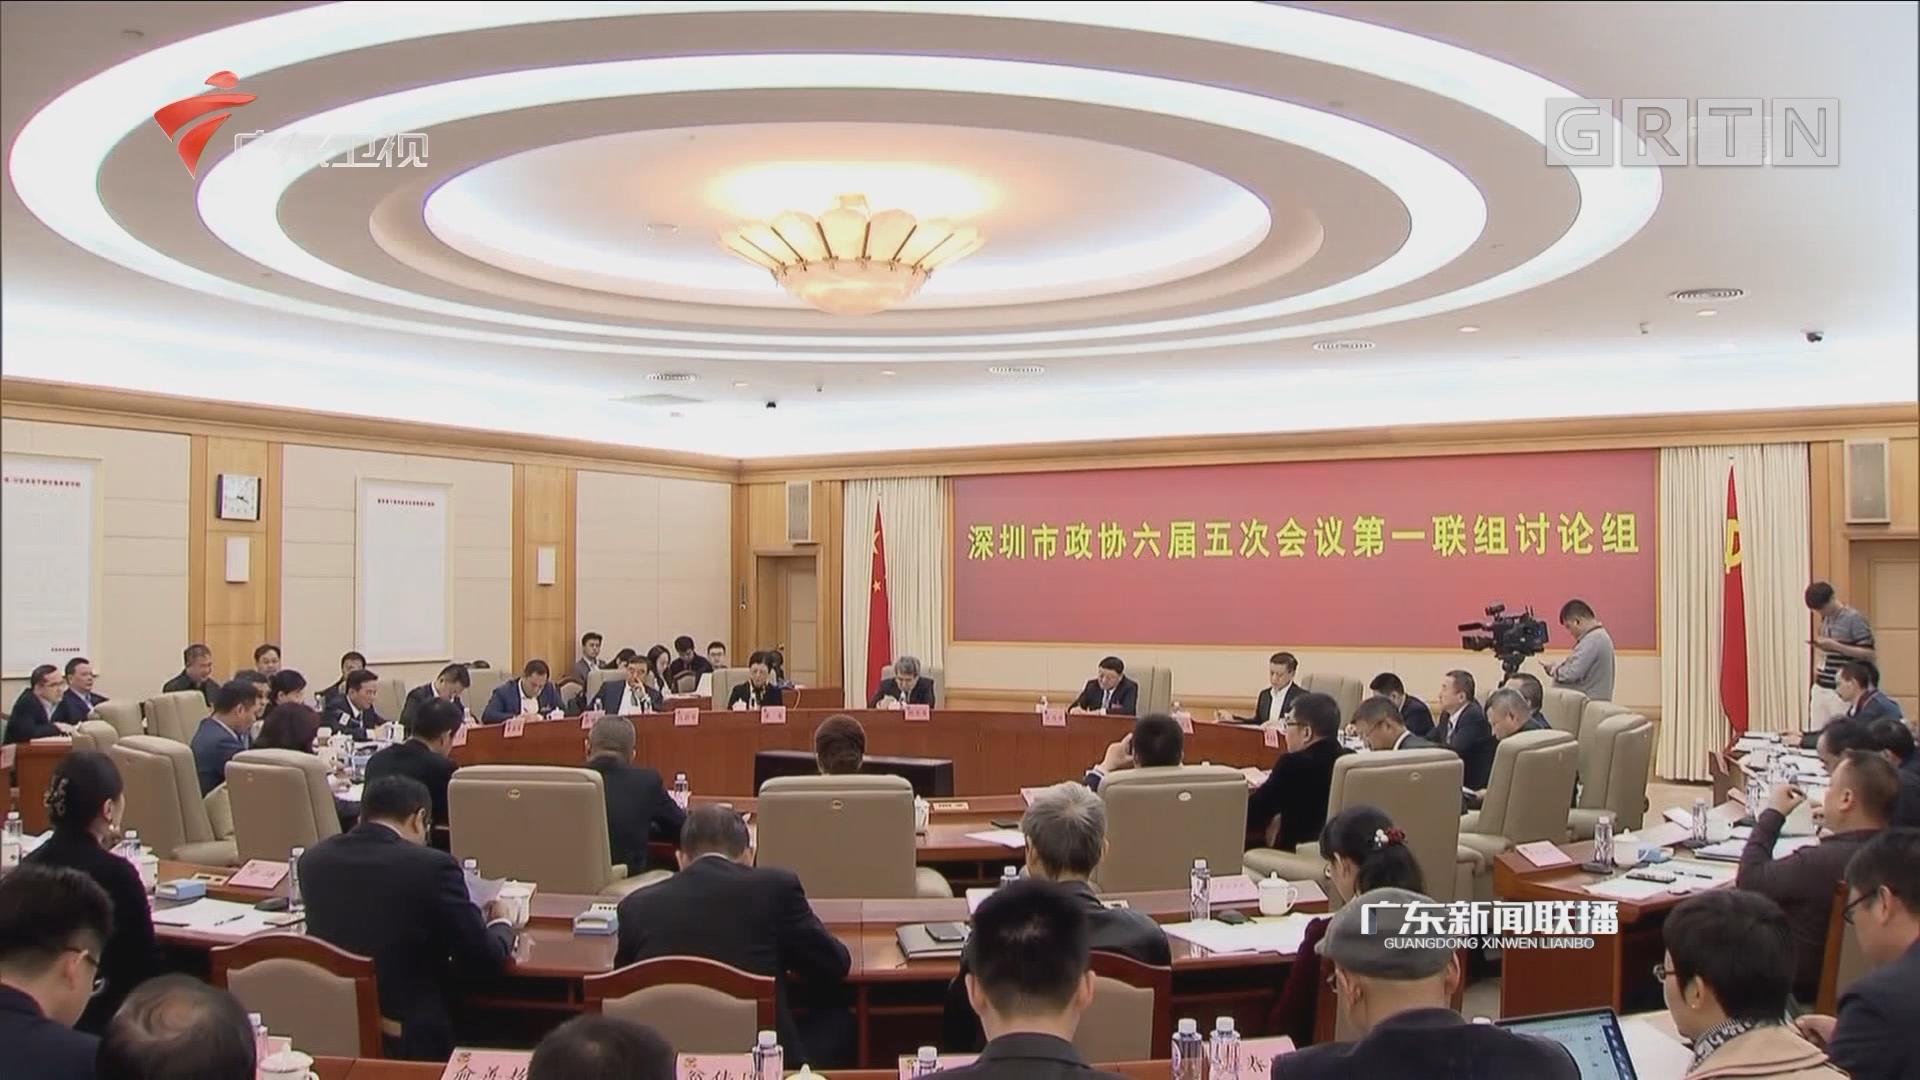 推动新时代深圳政协工作质量新提升